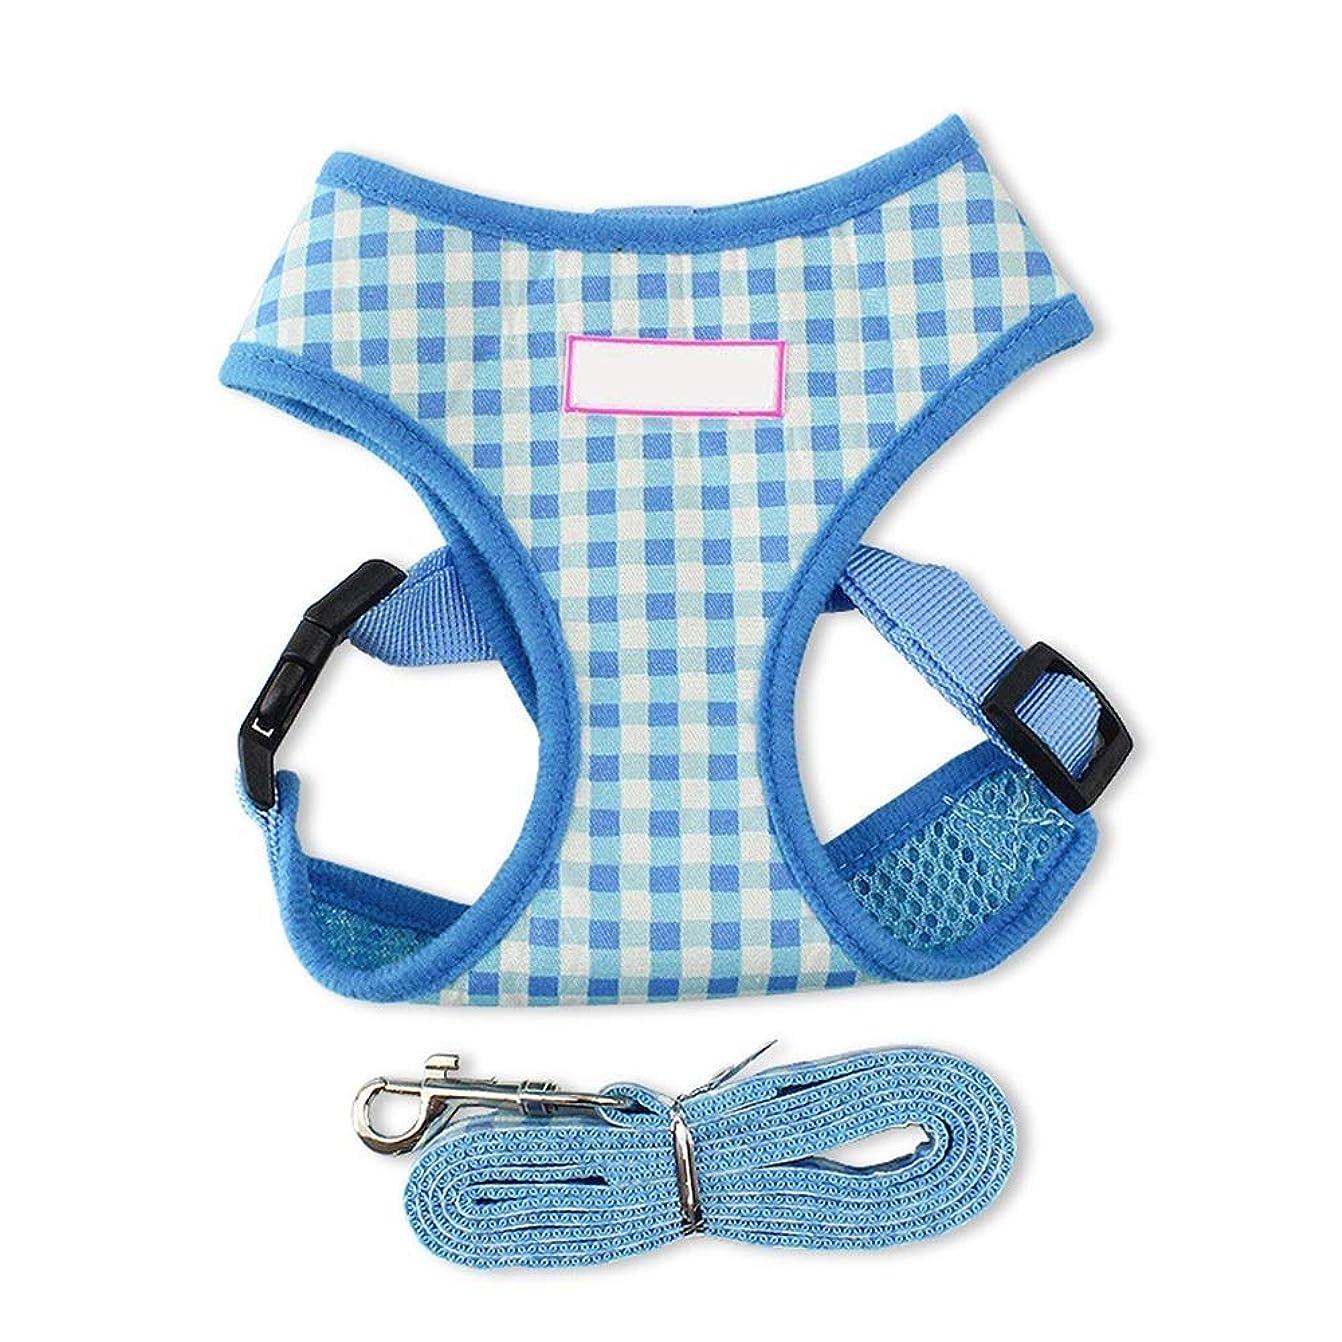 想像する国旗株式柔らかい網の生地の子犬の調節可能な馬具の子犬猫のためのリード?リーシュ犬の馬具 YANW (色 : 青, サイズ さいず : M m)